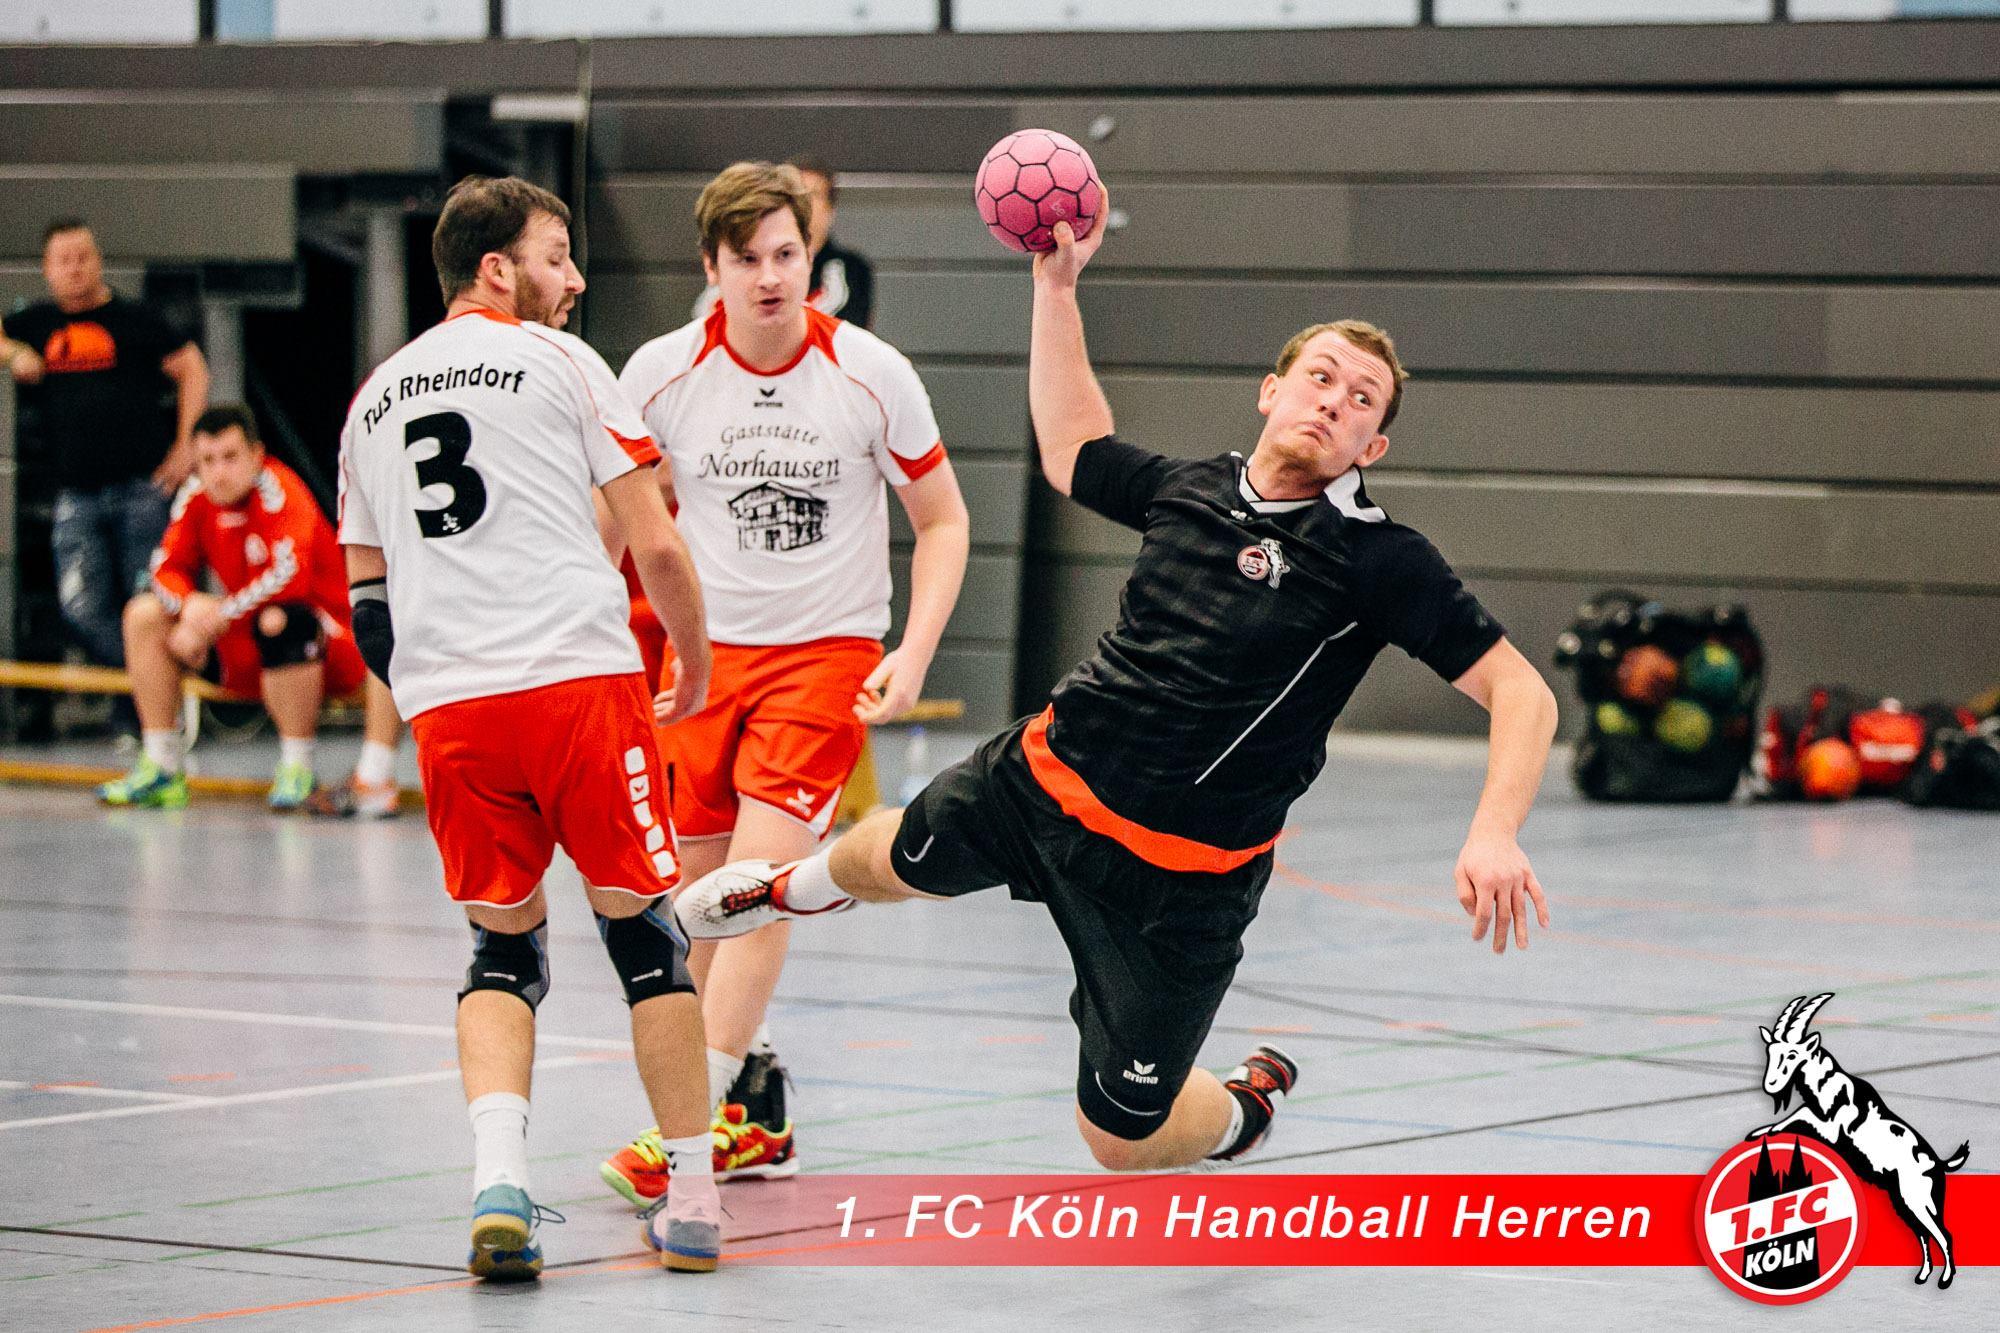 1 Fc Köln Handball